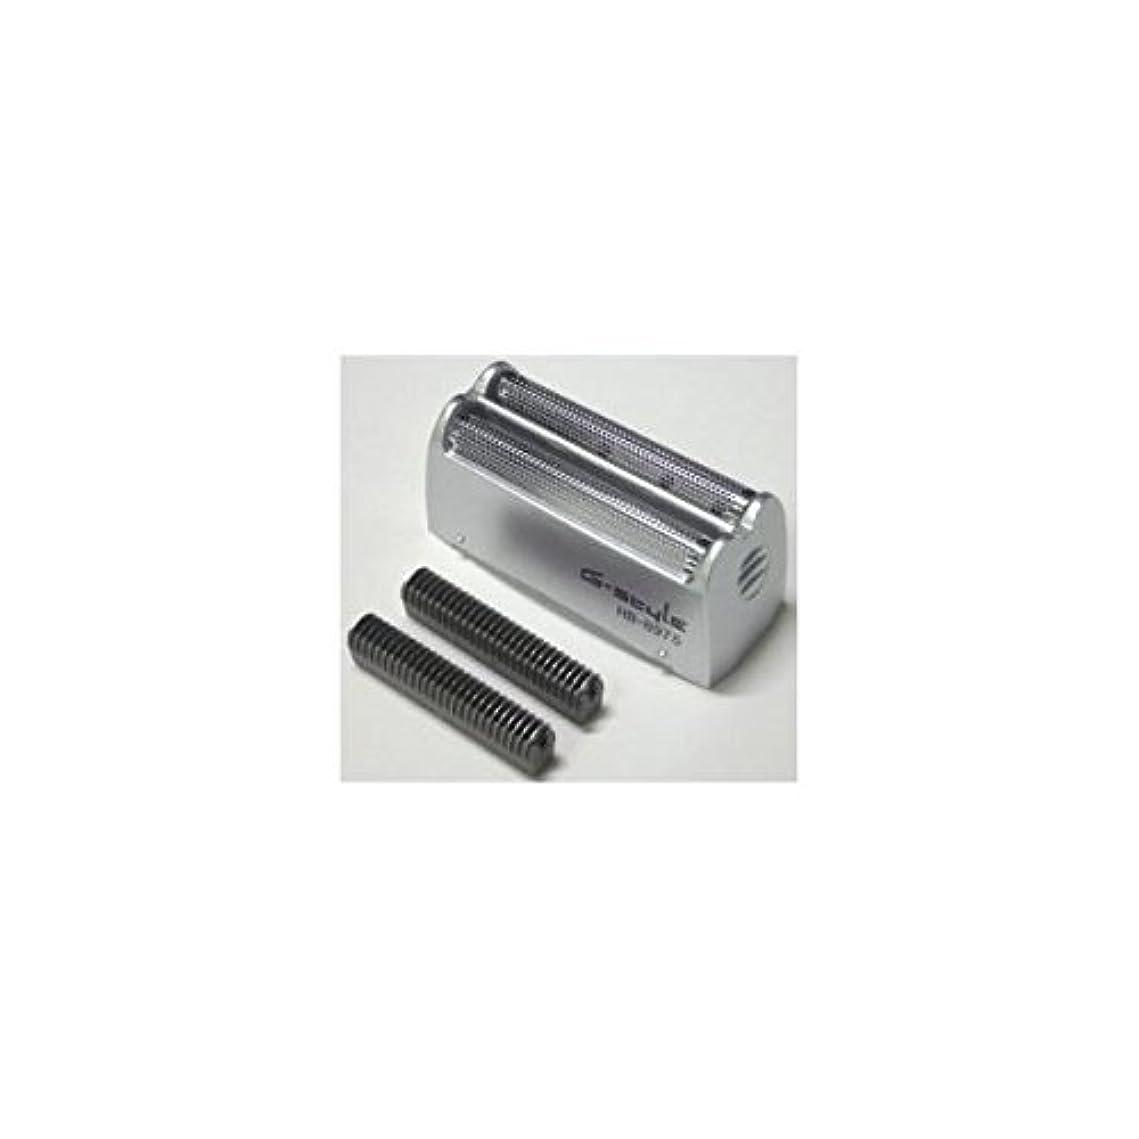 できたマットレス補償オーム電機 シェーバー用替え刃セット HB8981